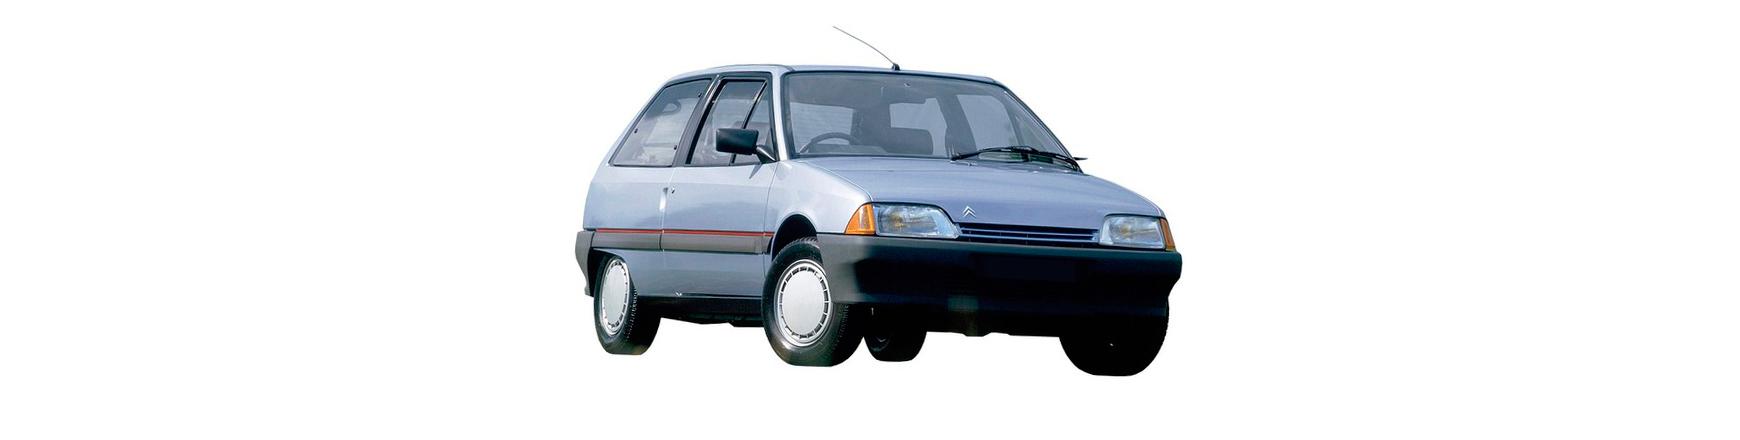 Recambios de Citroën AX de 1986 a 1996 al mejor precio. Envío urgente.